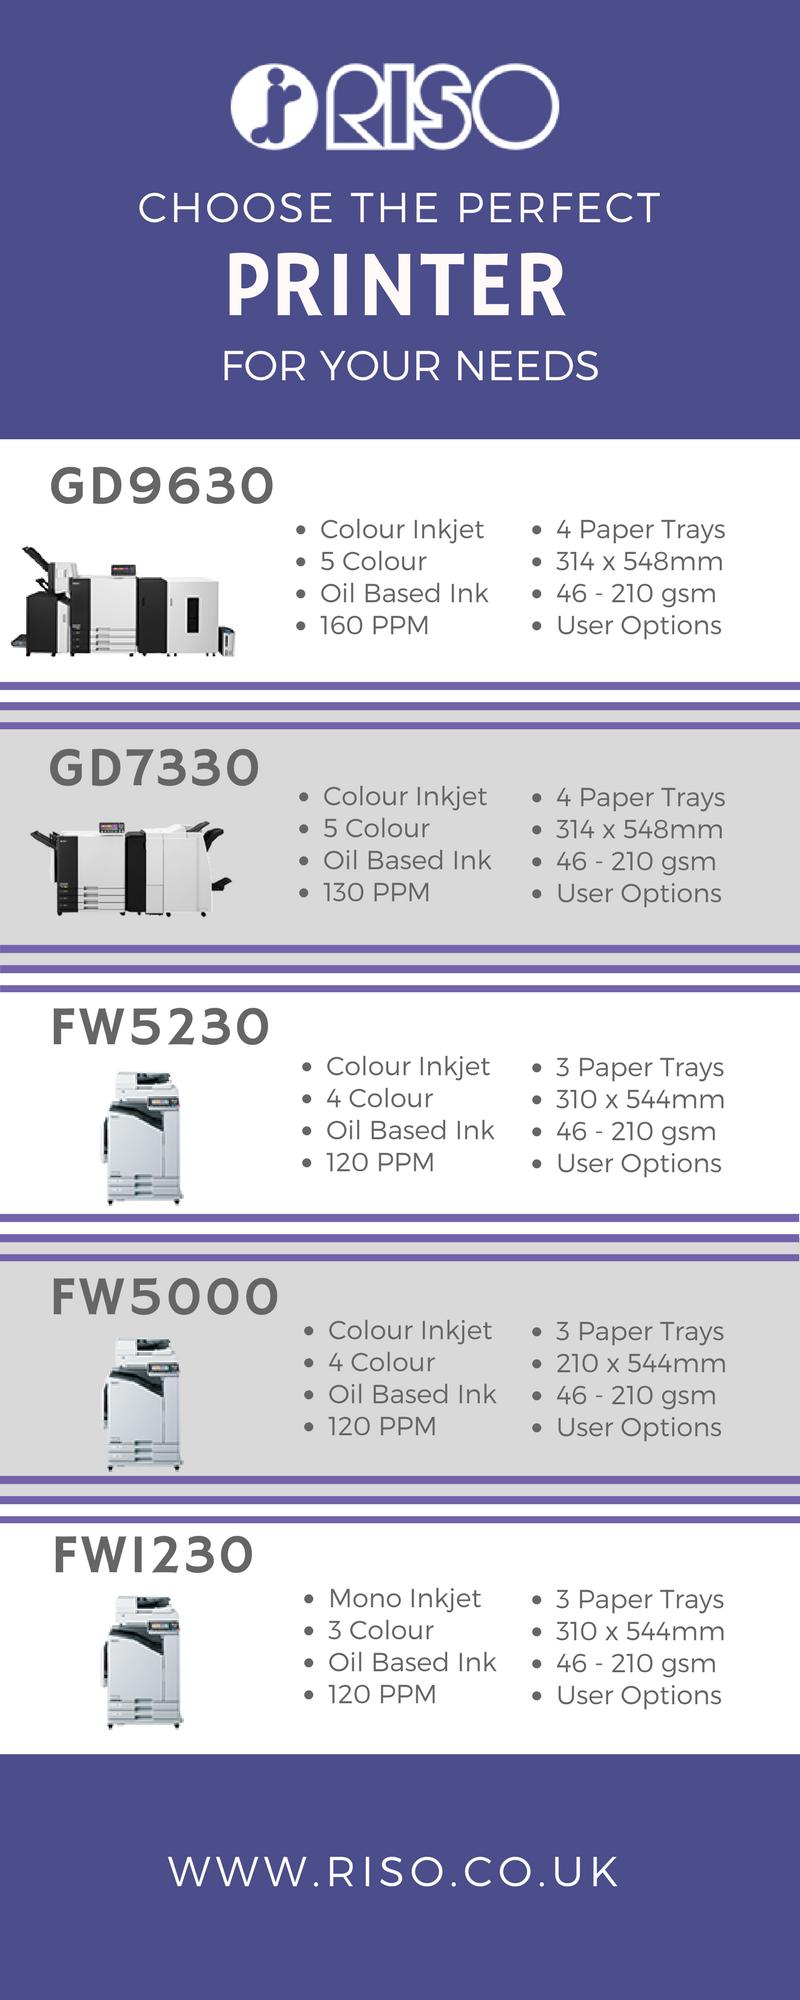 best-production-printer-infographic-lkrllc